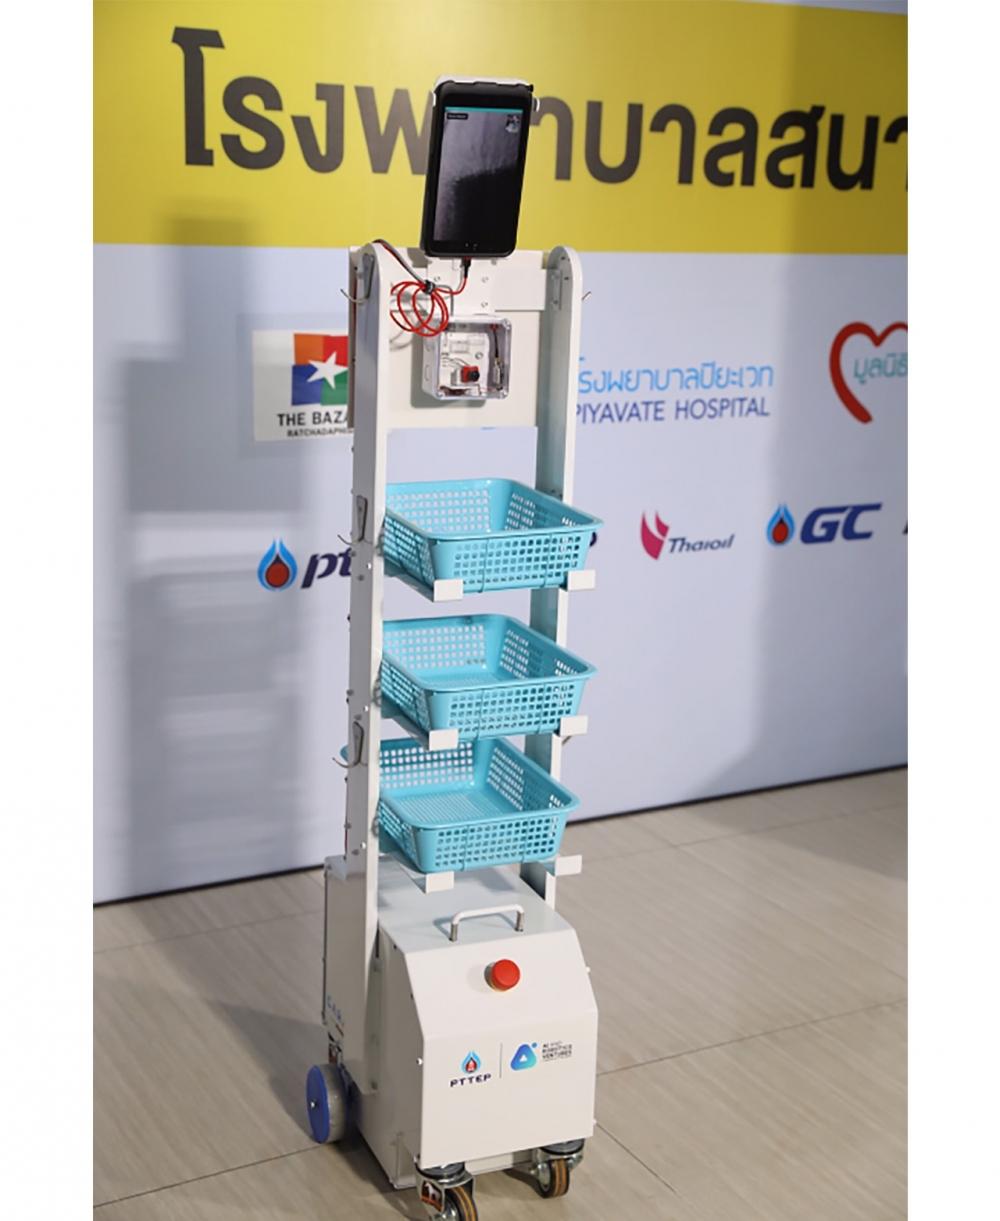 หุ่นยนต์ CARA ปฏิบัติหน้าที่ที่โรงพยาบาลสนามครบวงจร (End – to – End)